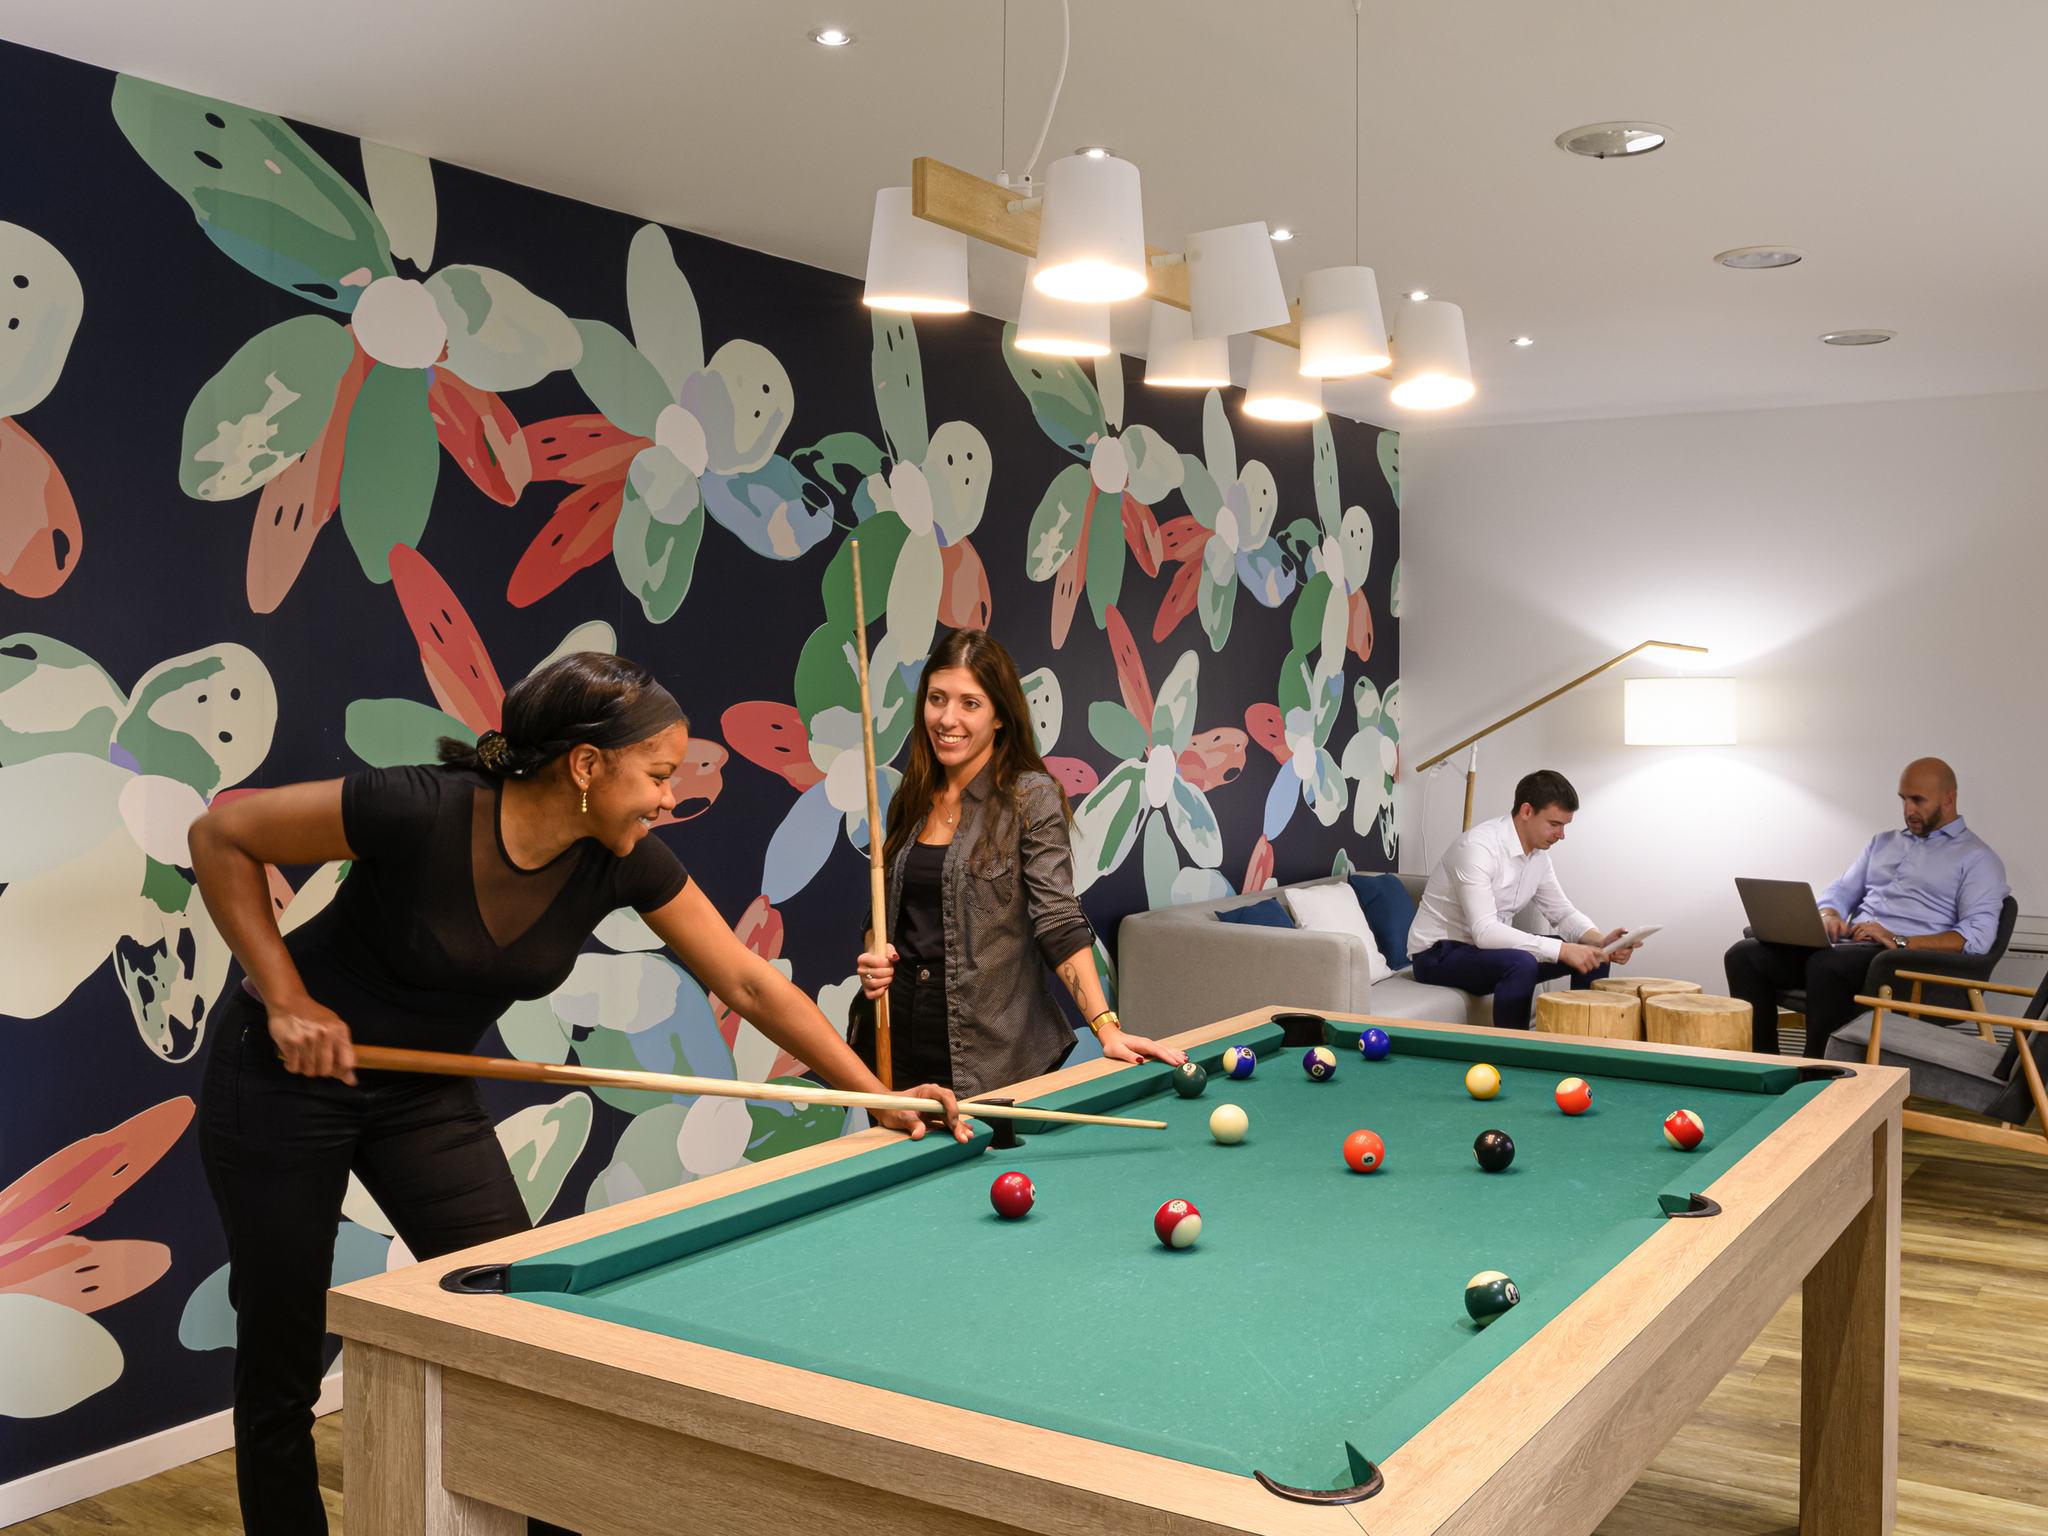 Excellent Hotel A Roissy Charles De Gaulle Ibis Styles Parc Des Largest Home Design Picture Inspirations Pitcheantrous